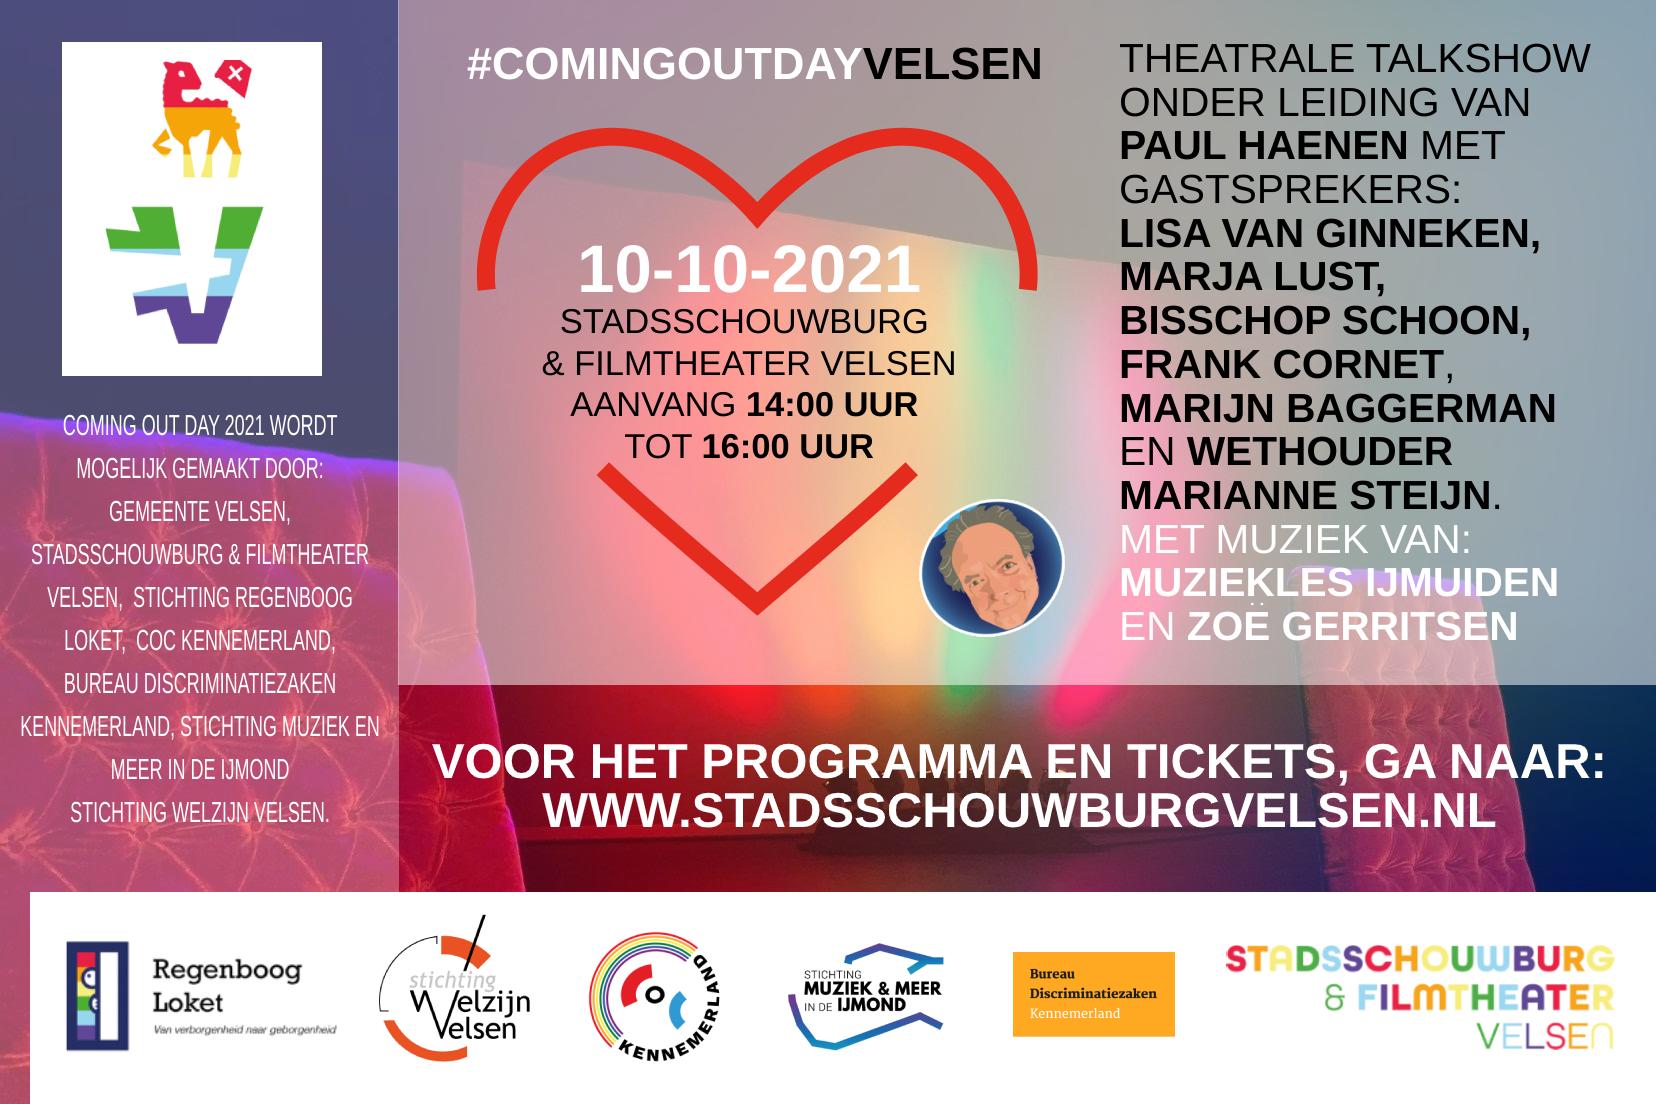 coming out day Velsen 2021 - Paul Haenen